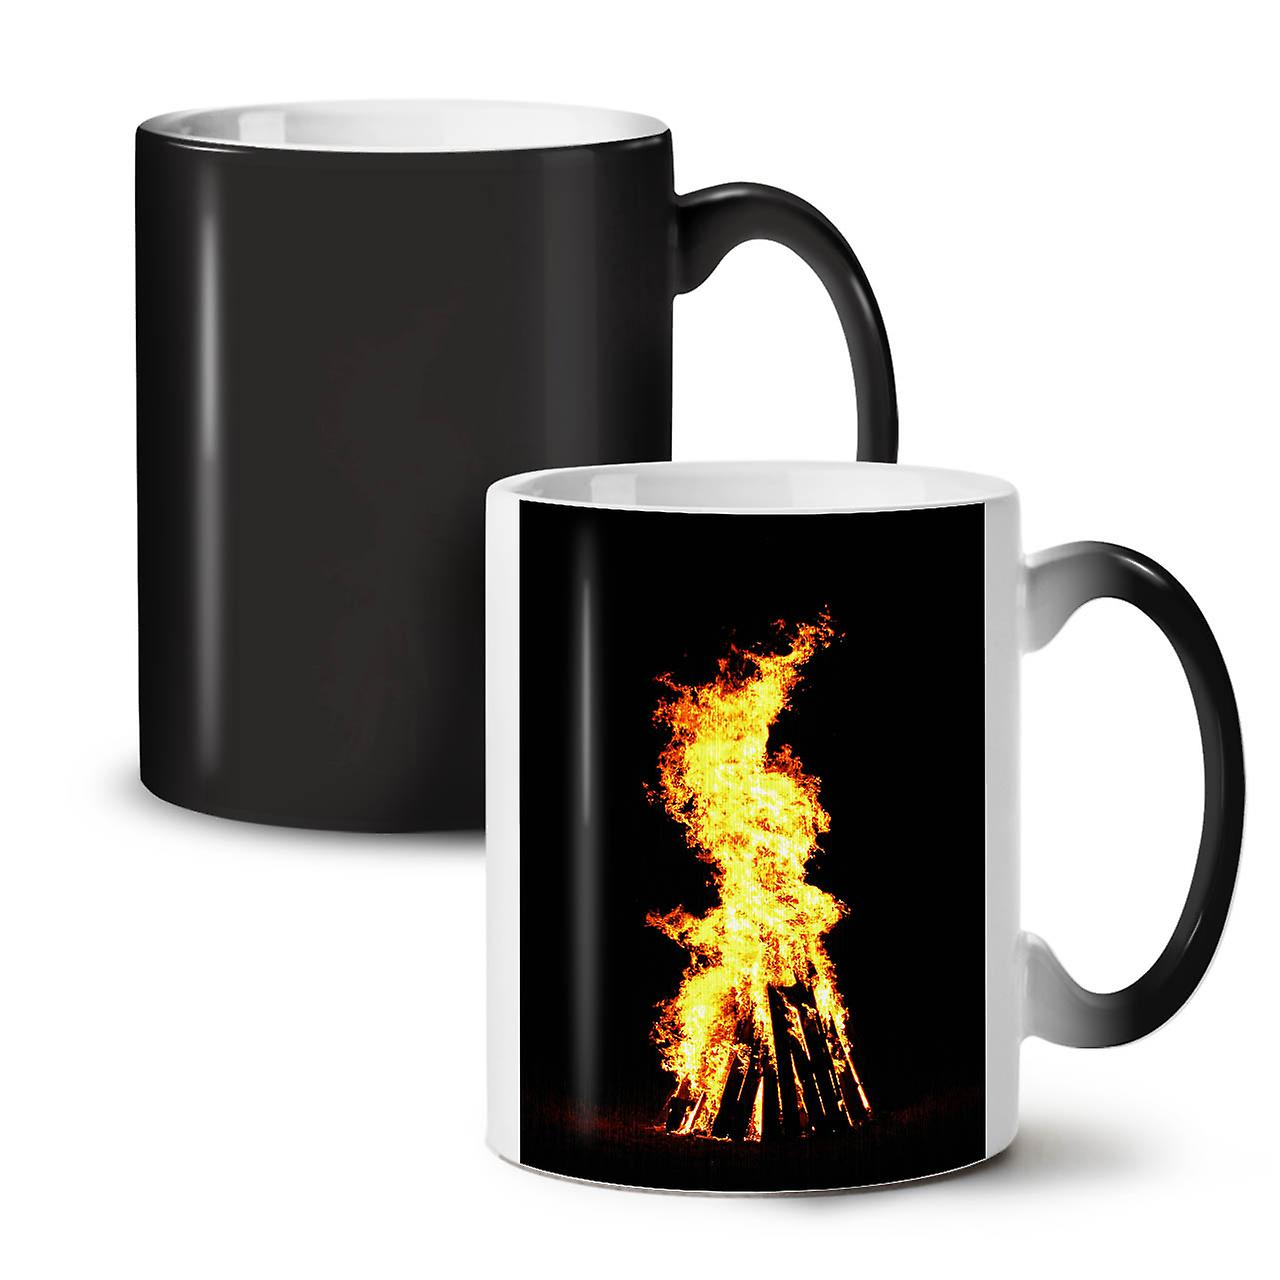 De Thé Tasse Café Noire 11 Feu Bonfire Couleur Céramique Night OzWellcoda Changeant c1TlFKJ3